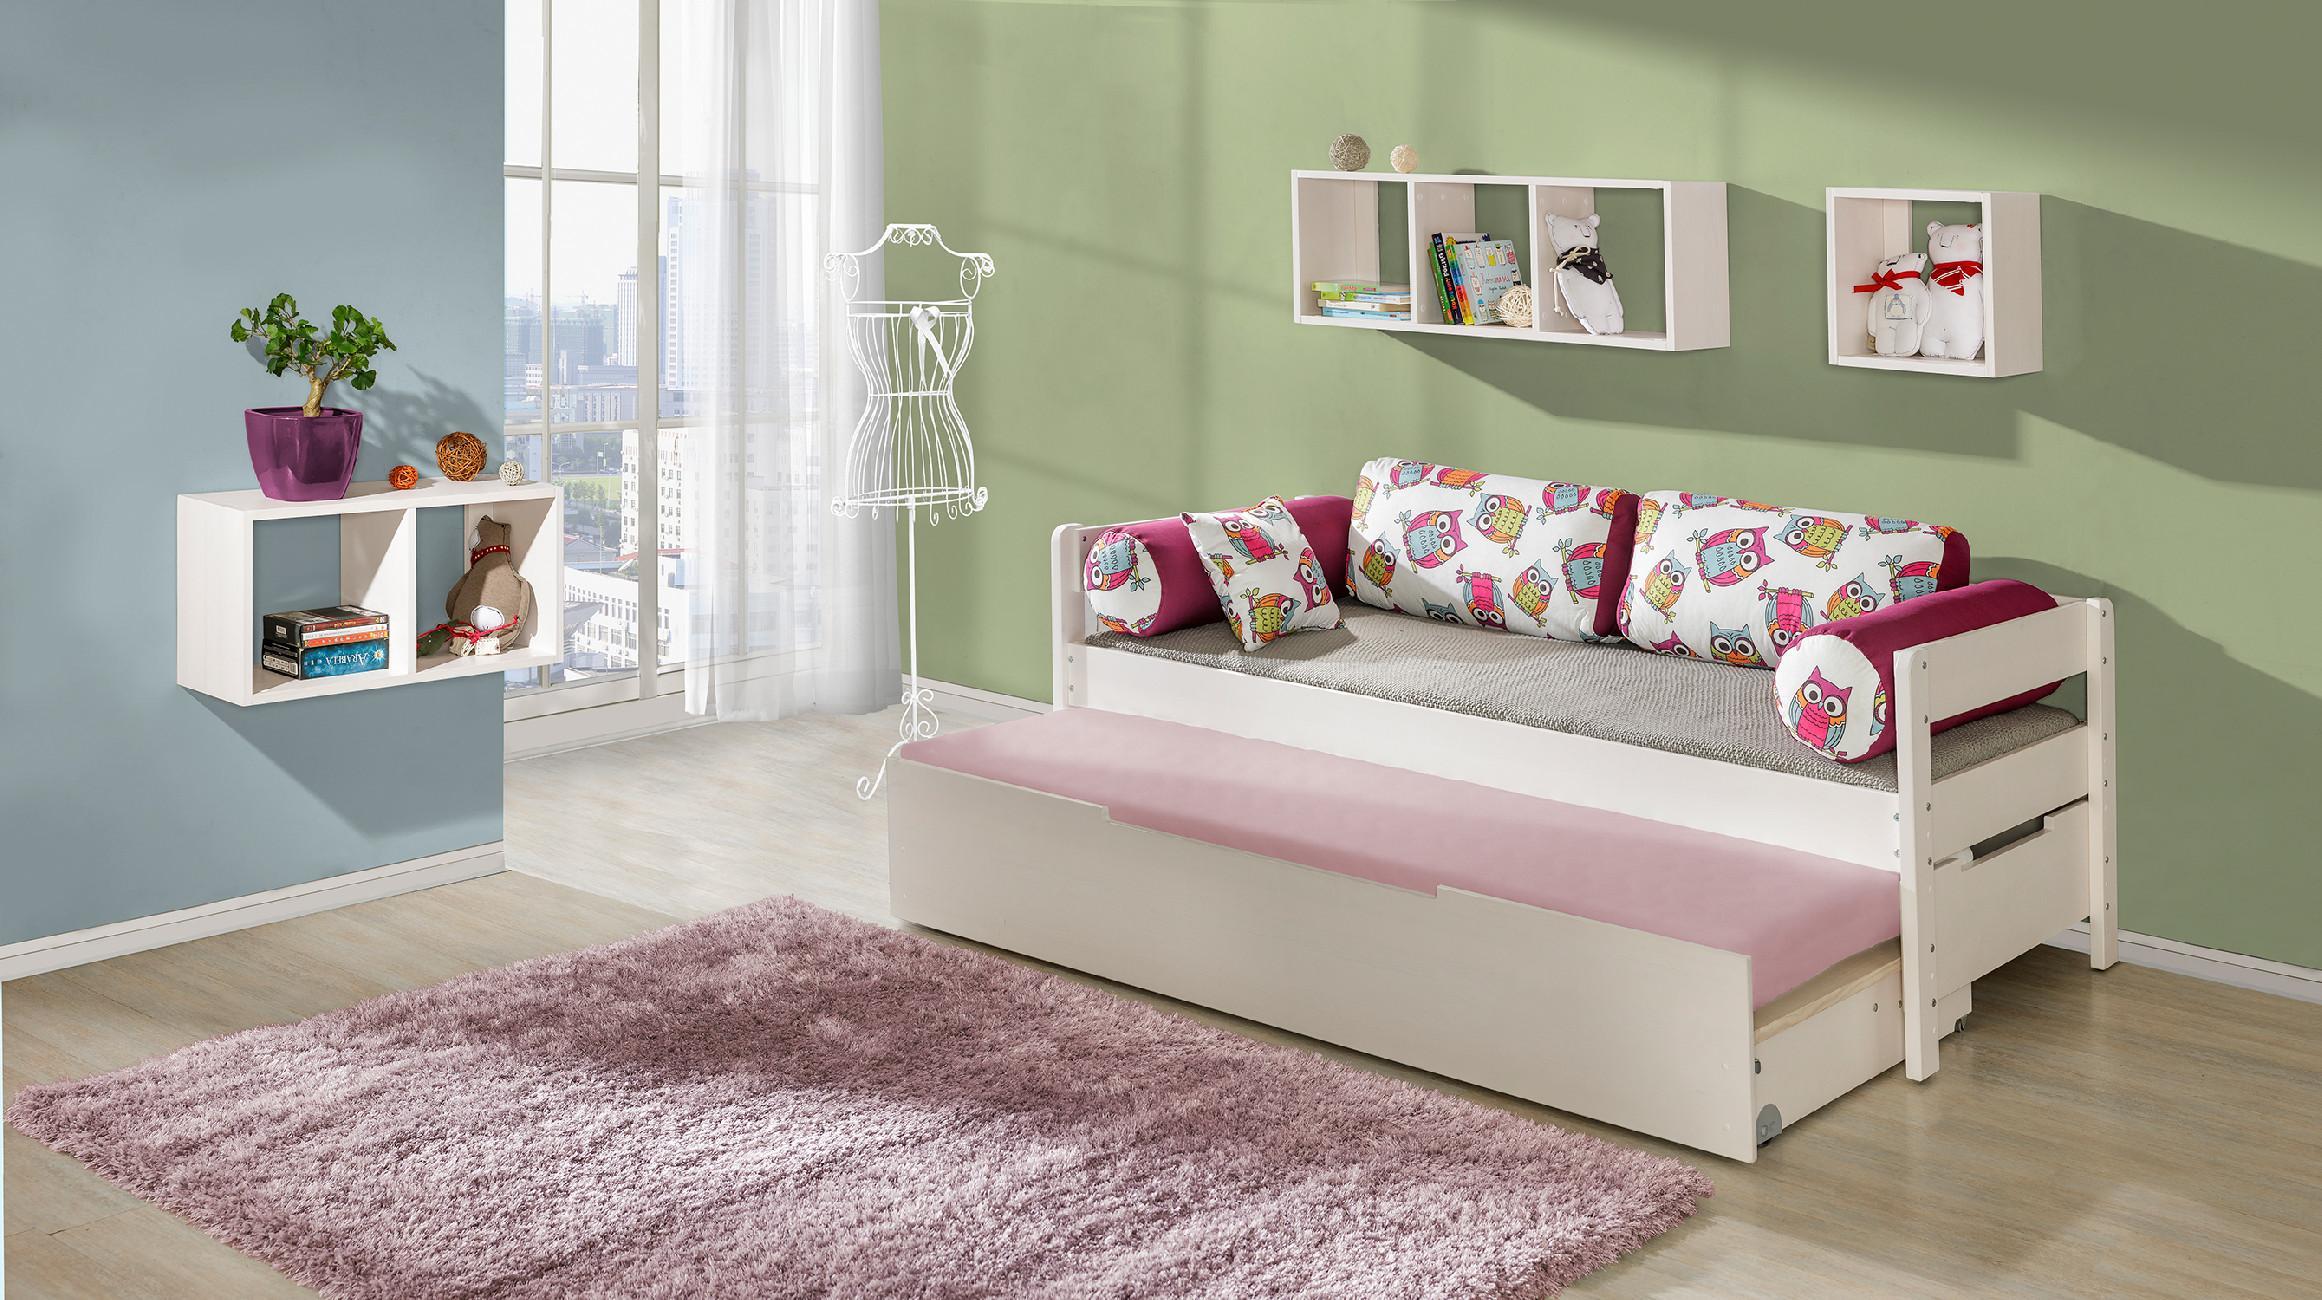 DL Posteľ s prístelkou Bela 90x200 cm Farba: Biela, Motív: Paríž